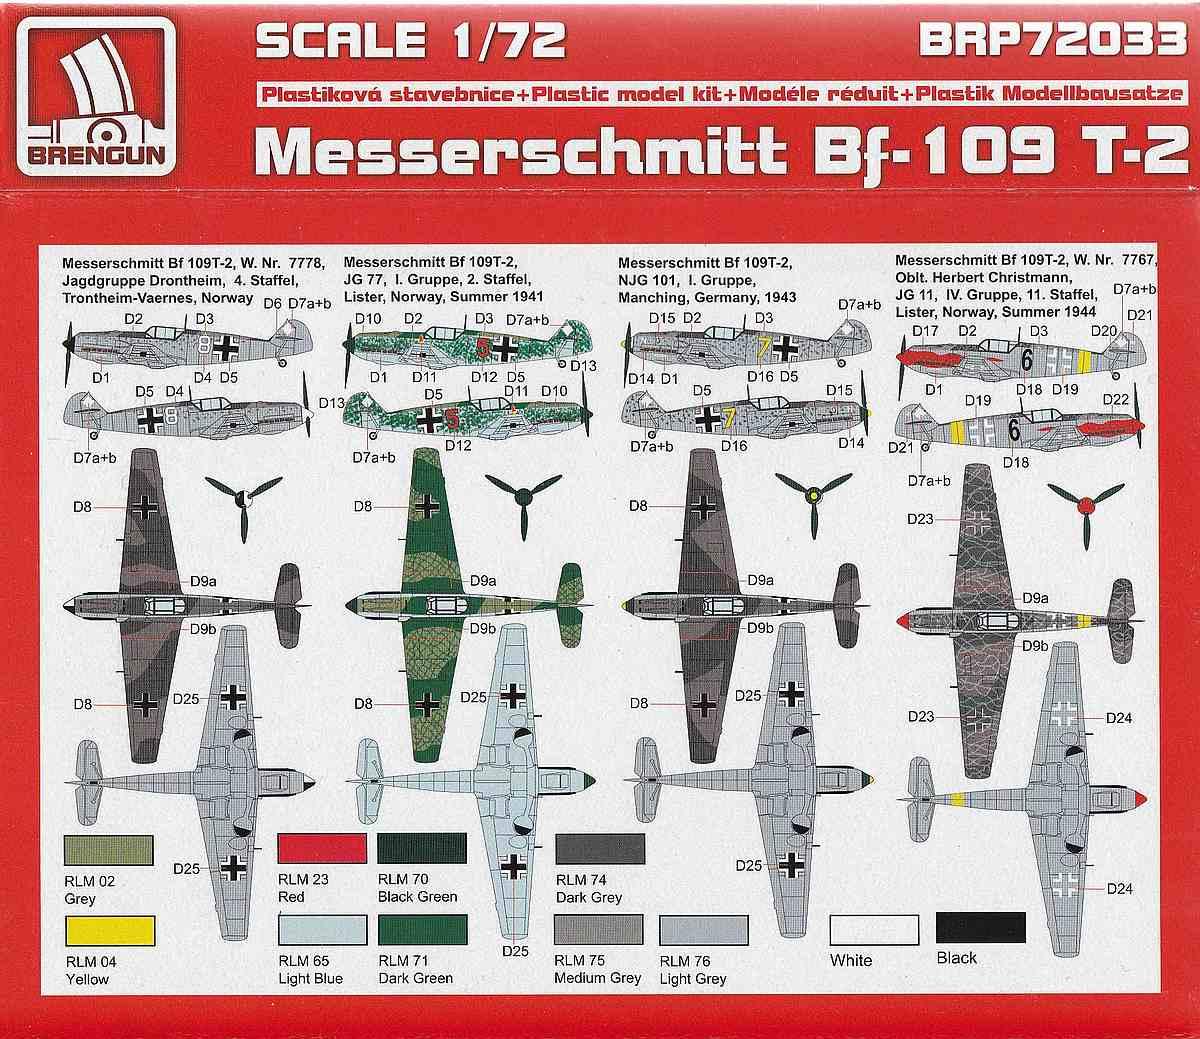 Brengun-BRP-72033-Messerschmitt-Bf-109T-4 Messerschmitt Bf 109T im Maßstab 1:72 von Brengun BRP 72033